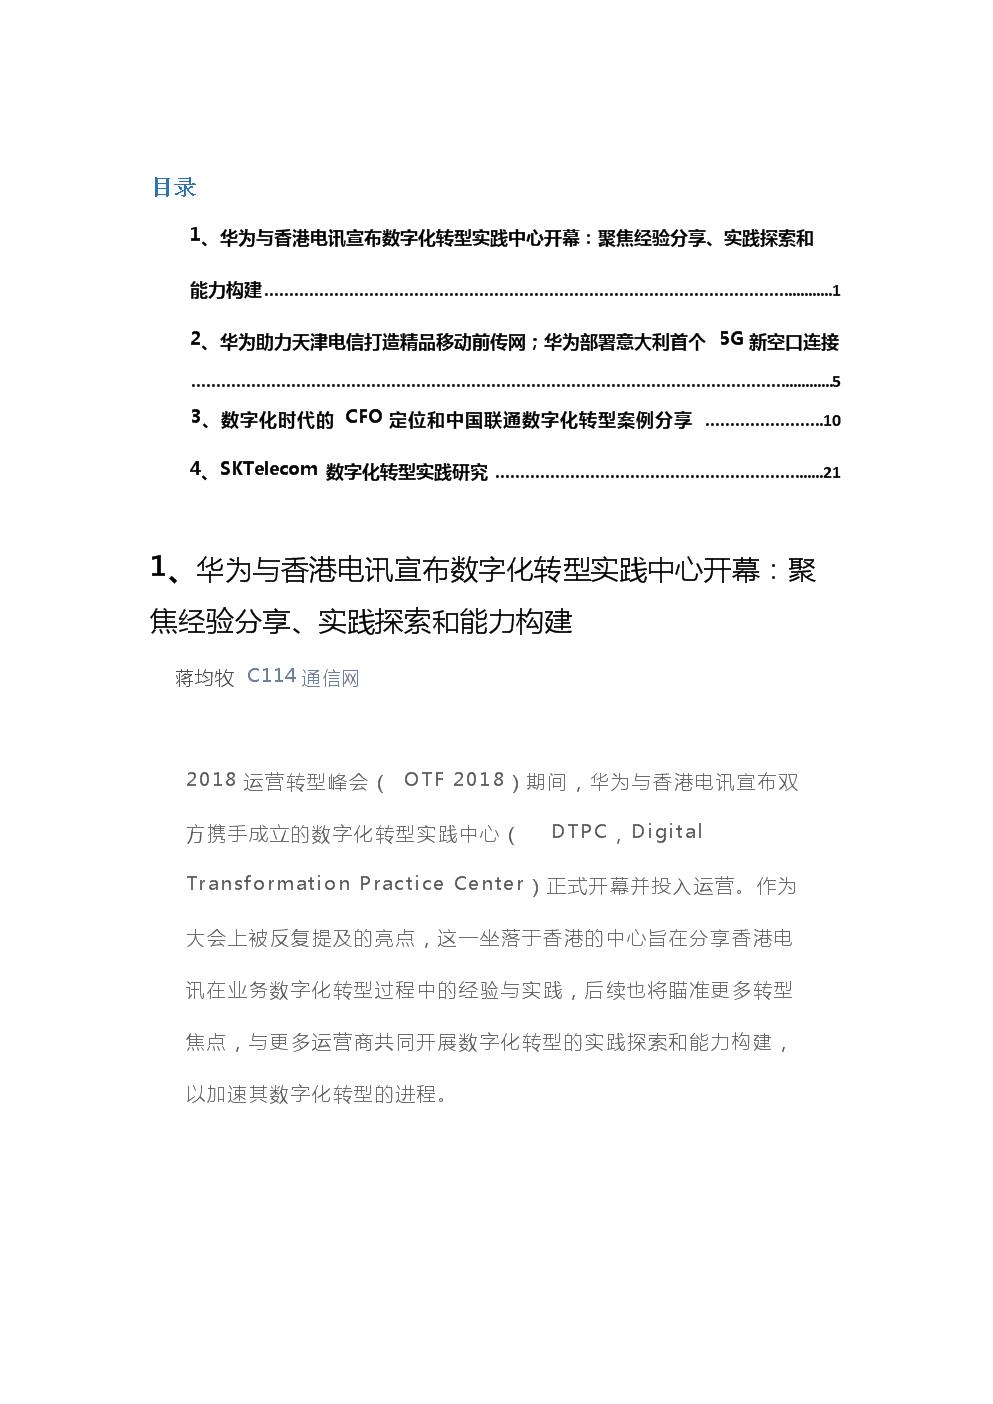 通信行业数字化转型案例.docx